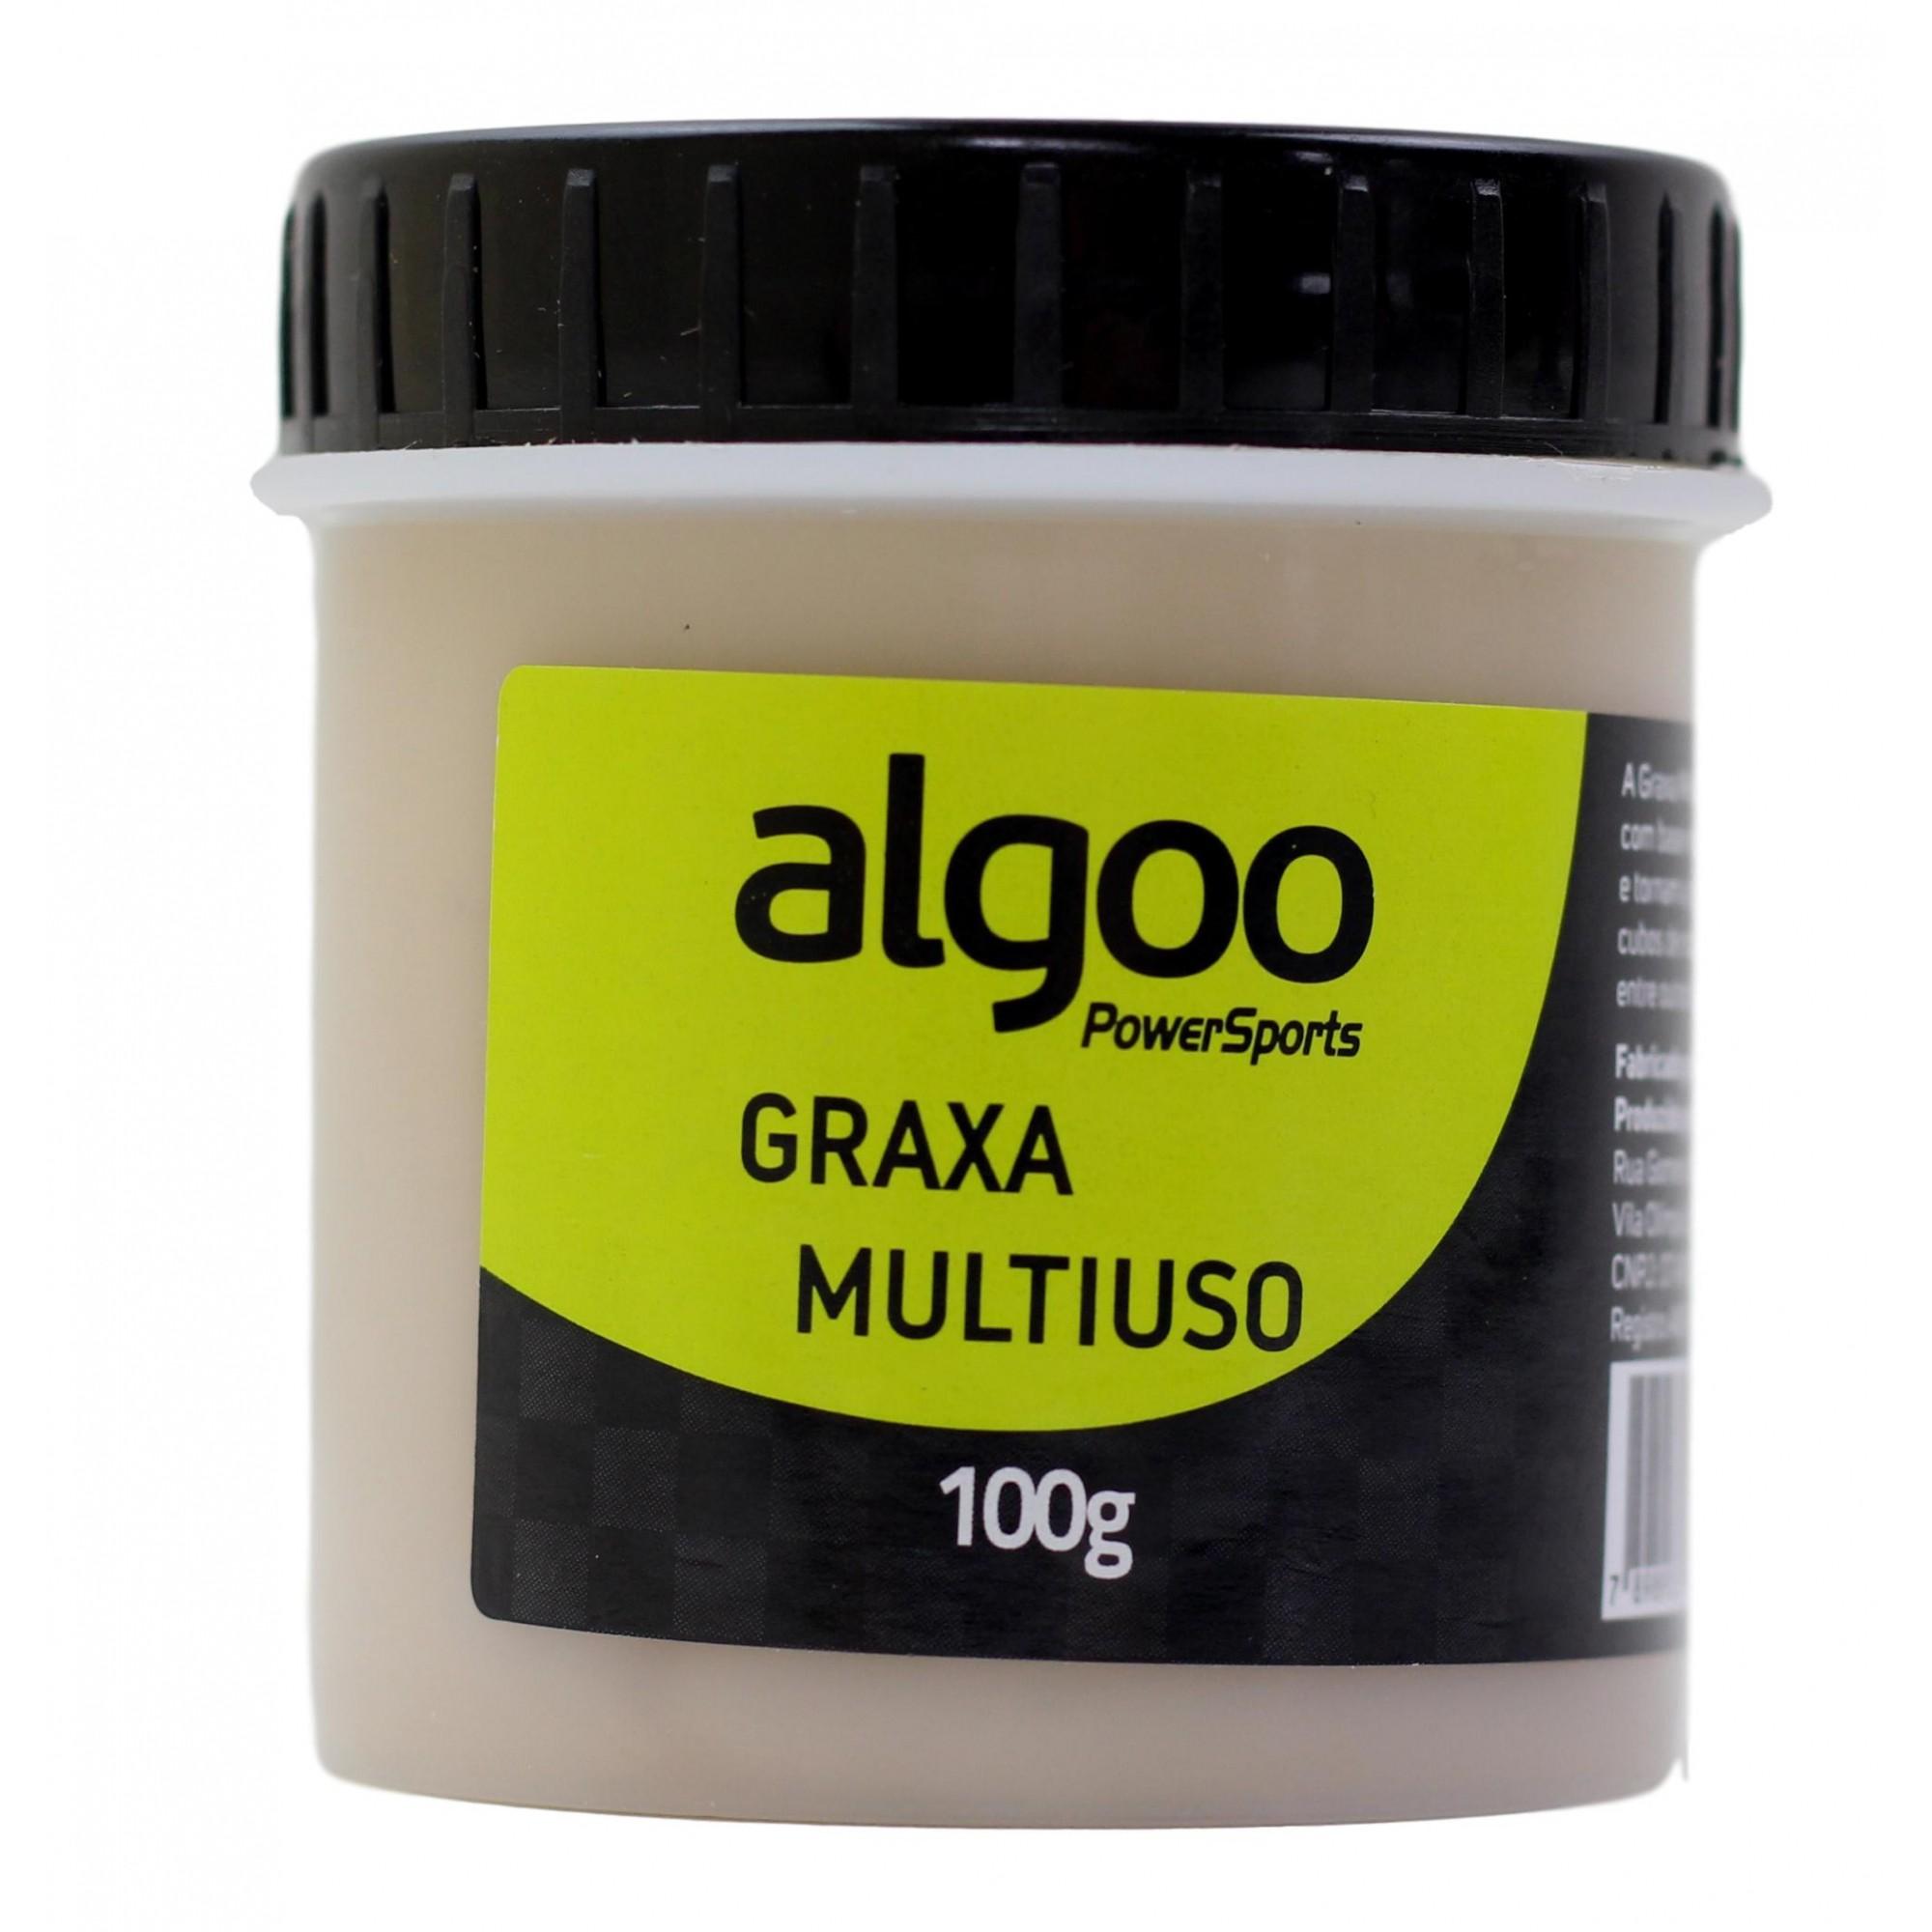 Graxa Multiuso para Bicicletas Algoo Pro 100 gramas Para Rolamentos Caixas de Direção e Partes Bicicleta